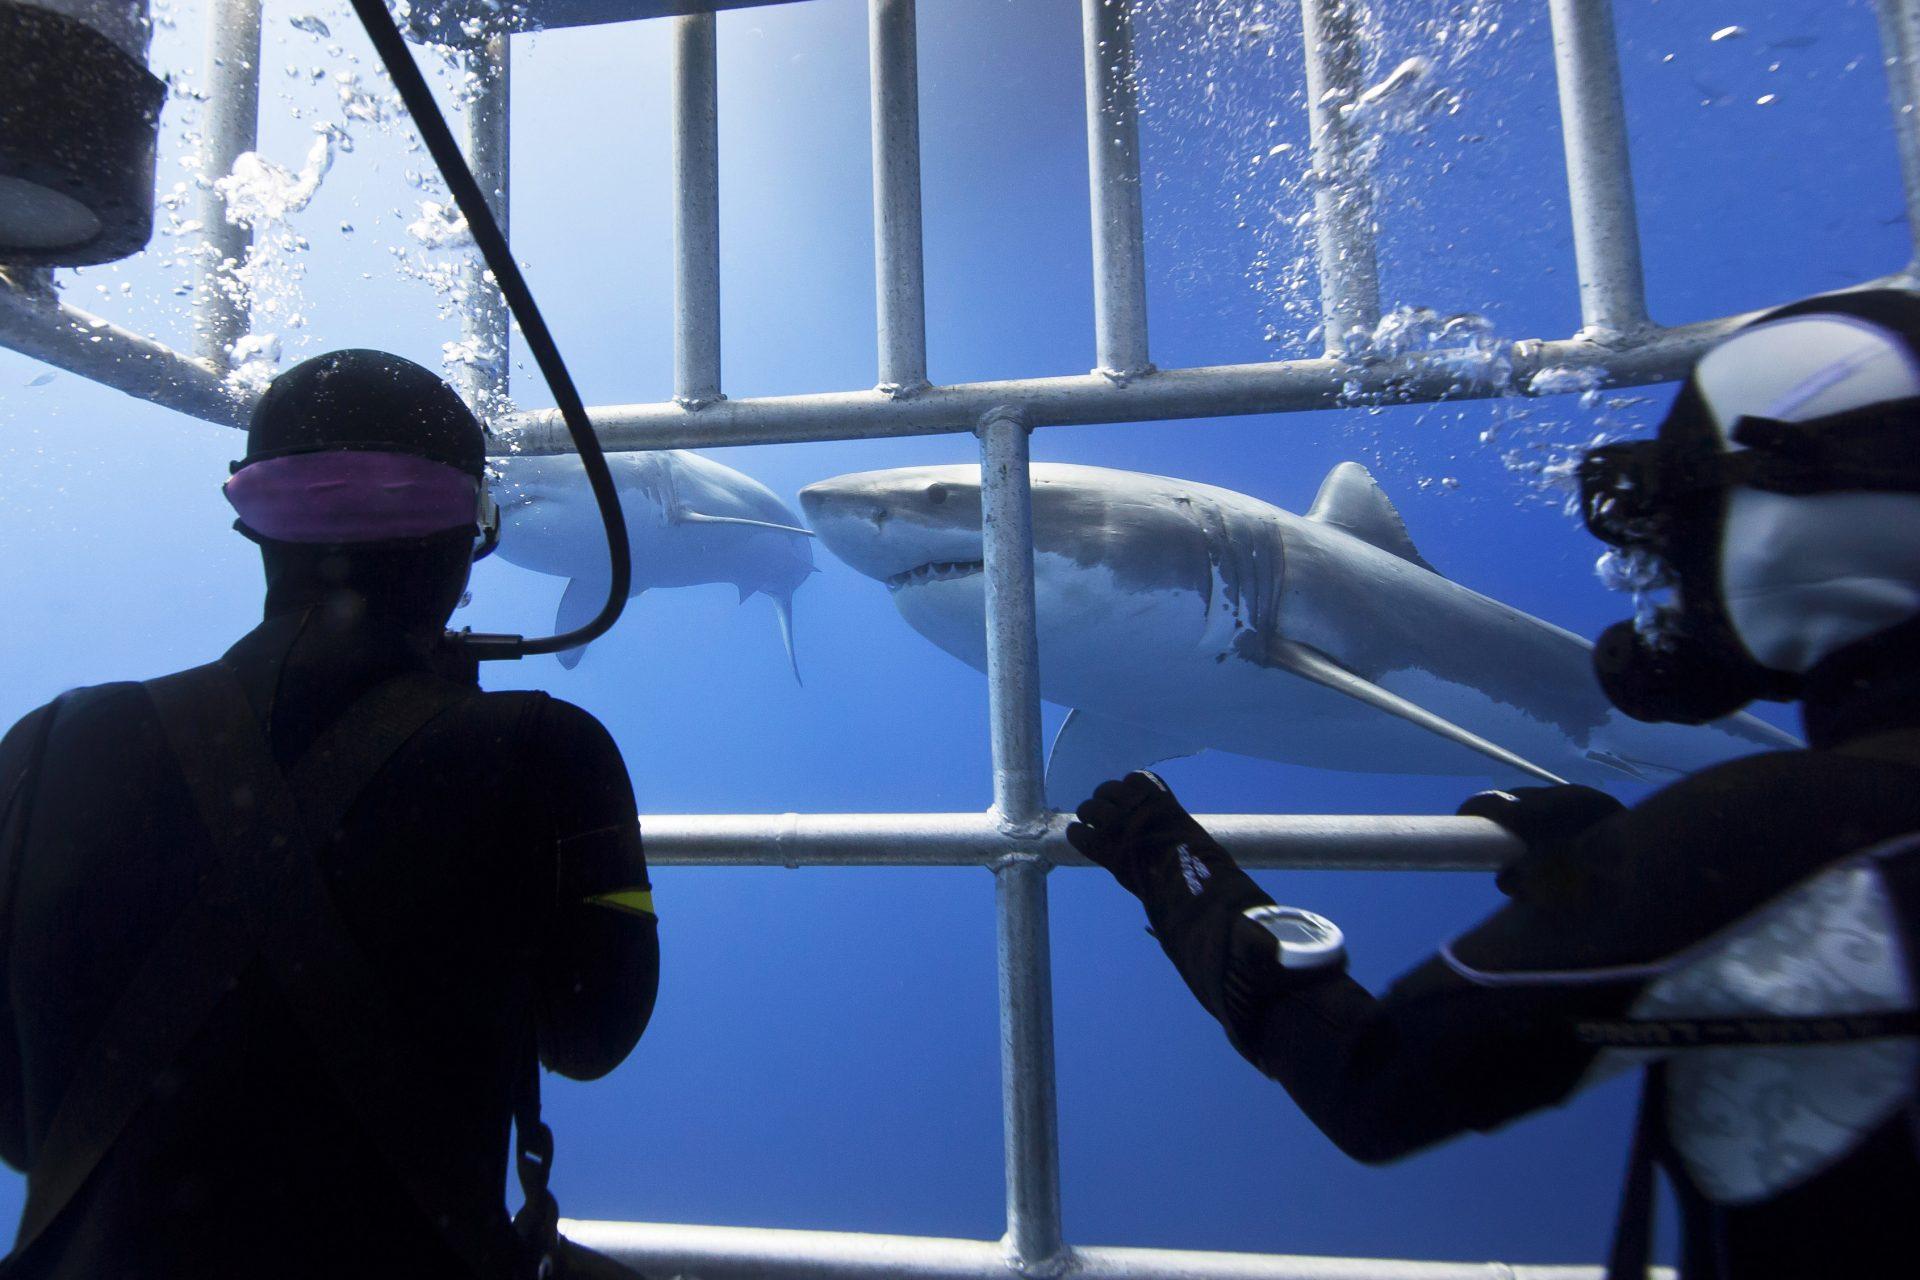 Taucher im Käfig mit weißem Hai